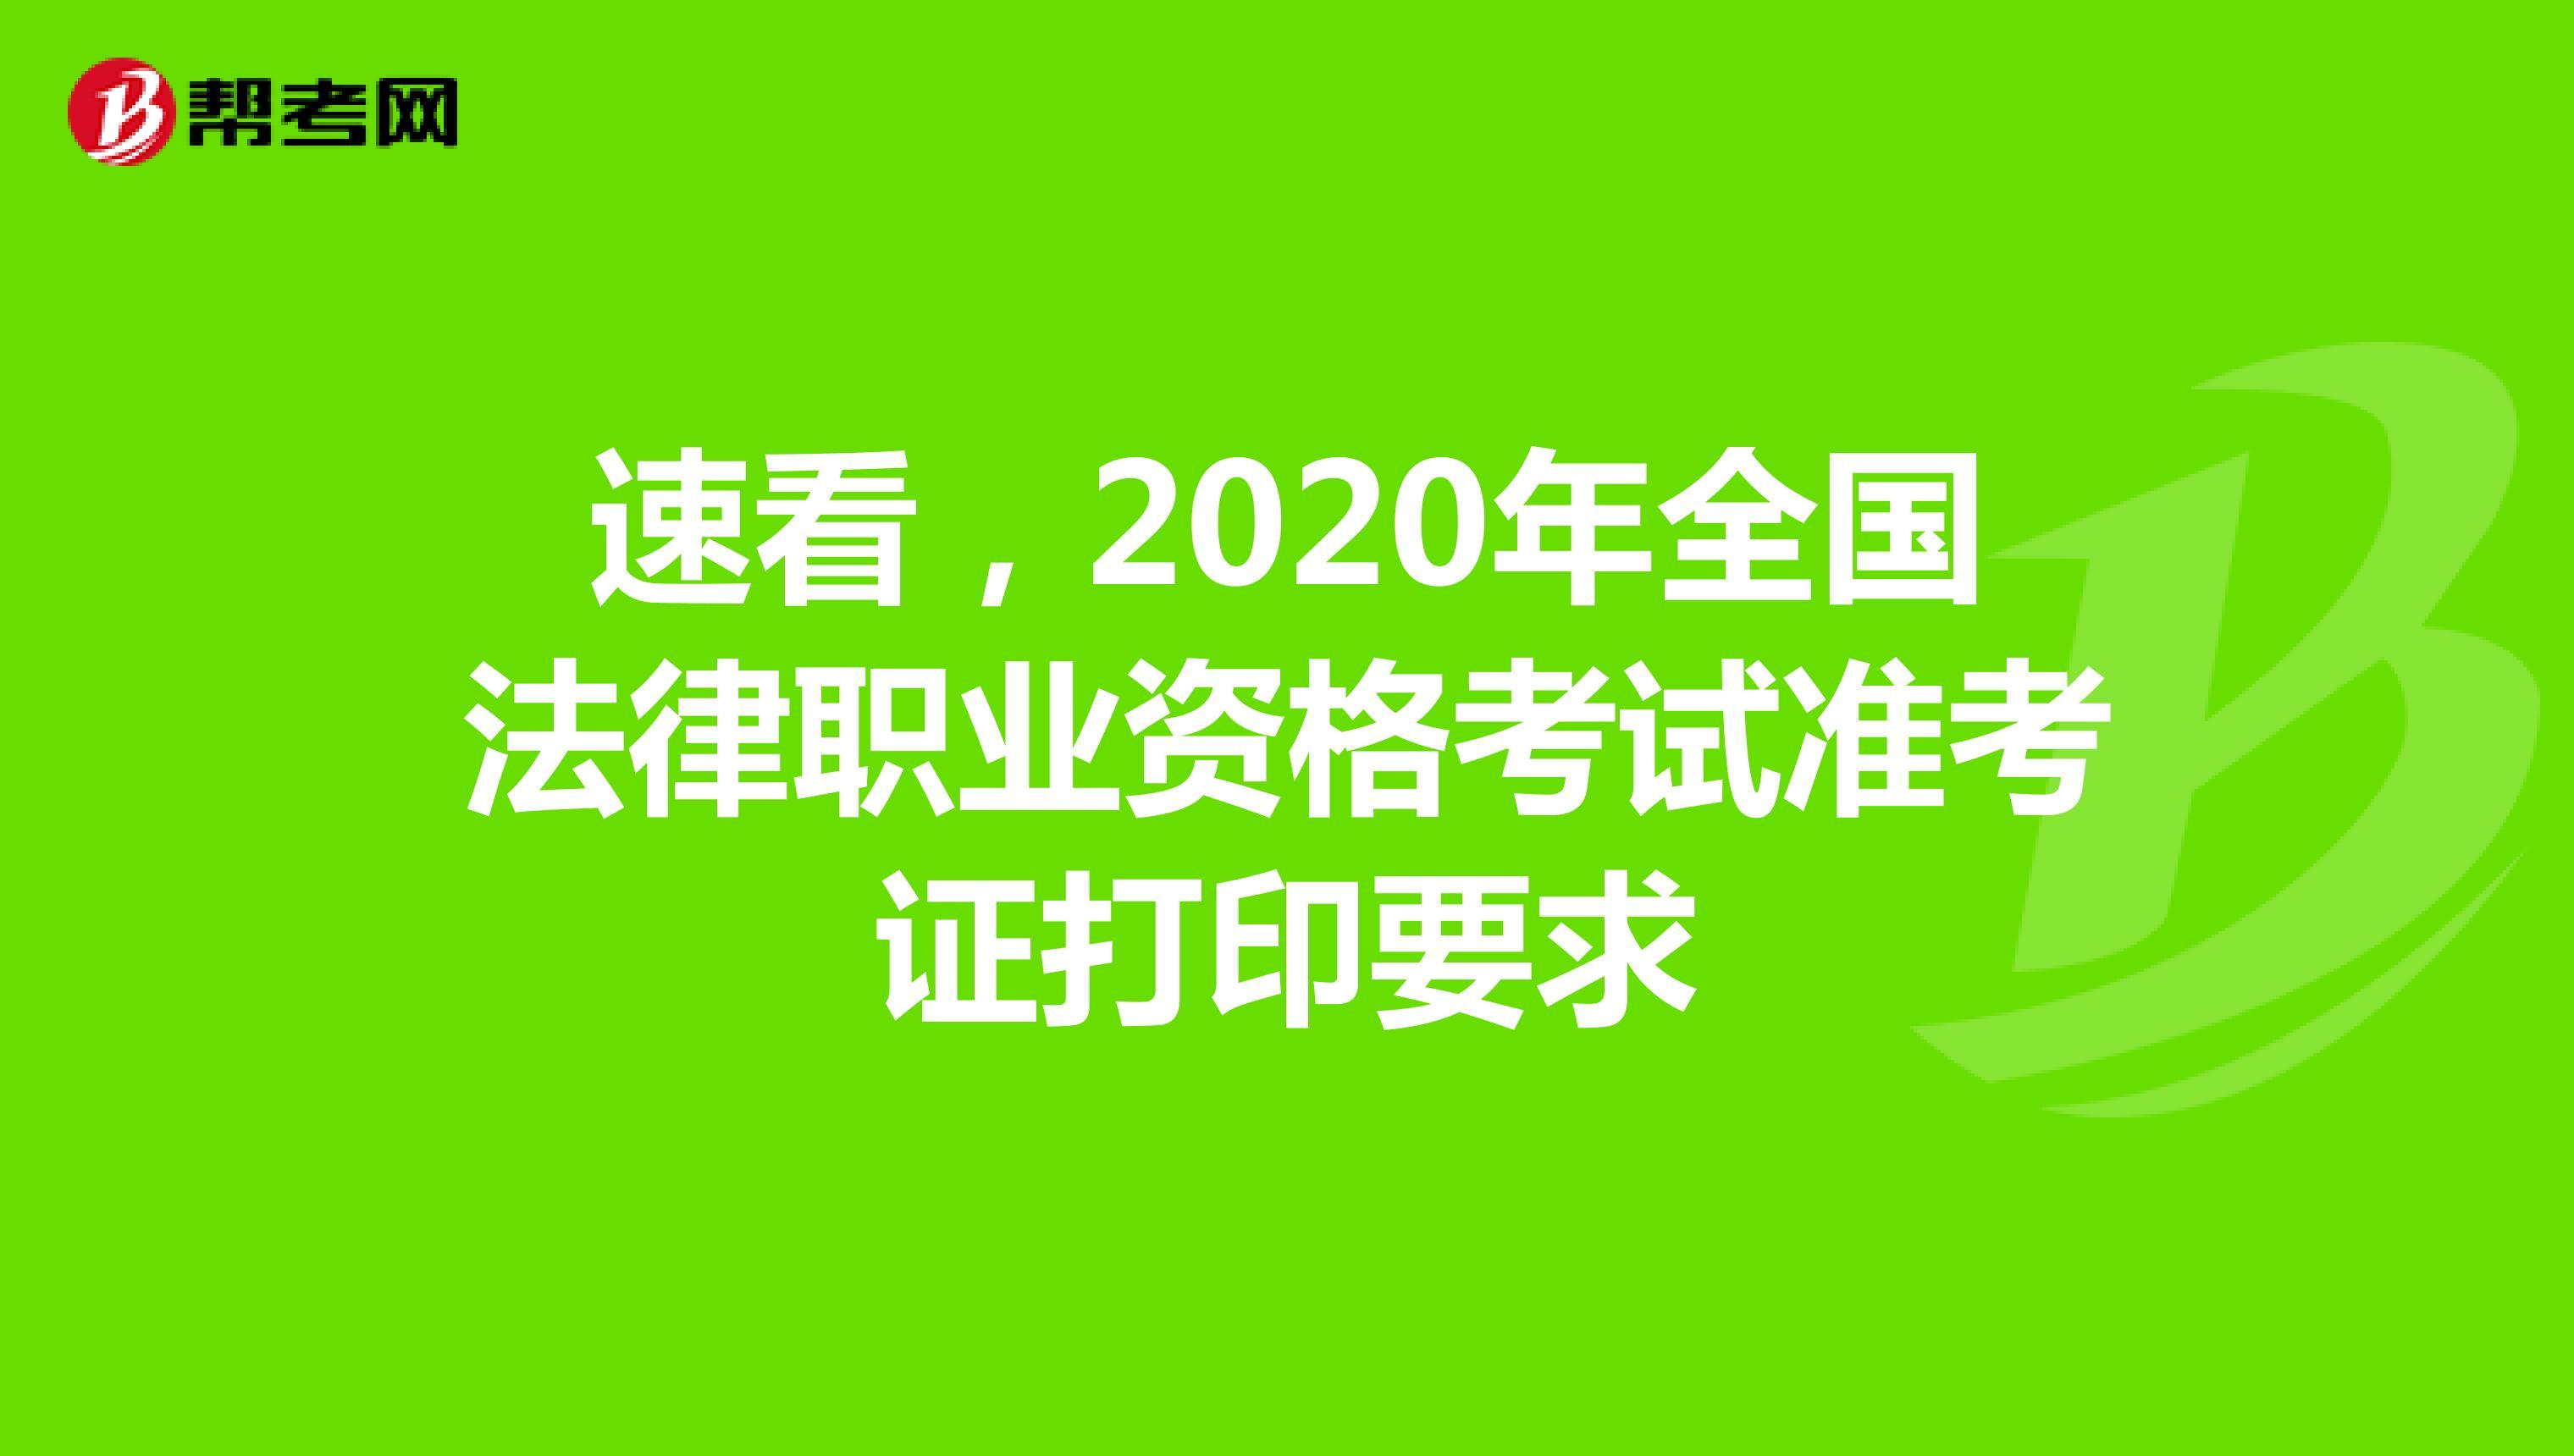 速看,2020年全国法律职业资格考试准考证打印要求